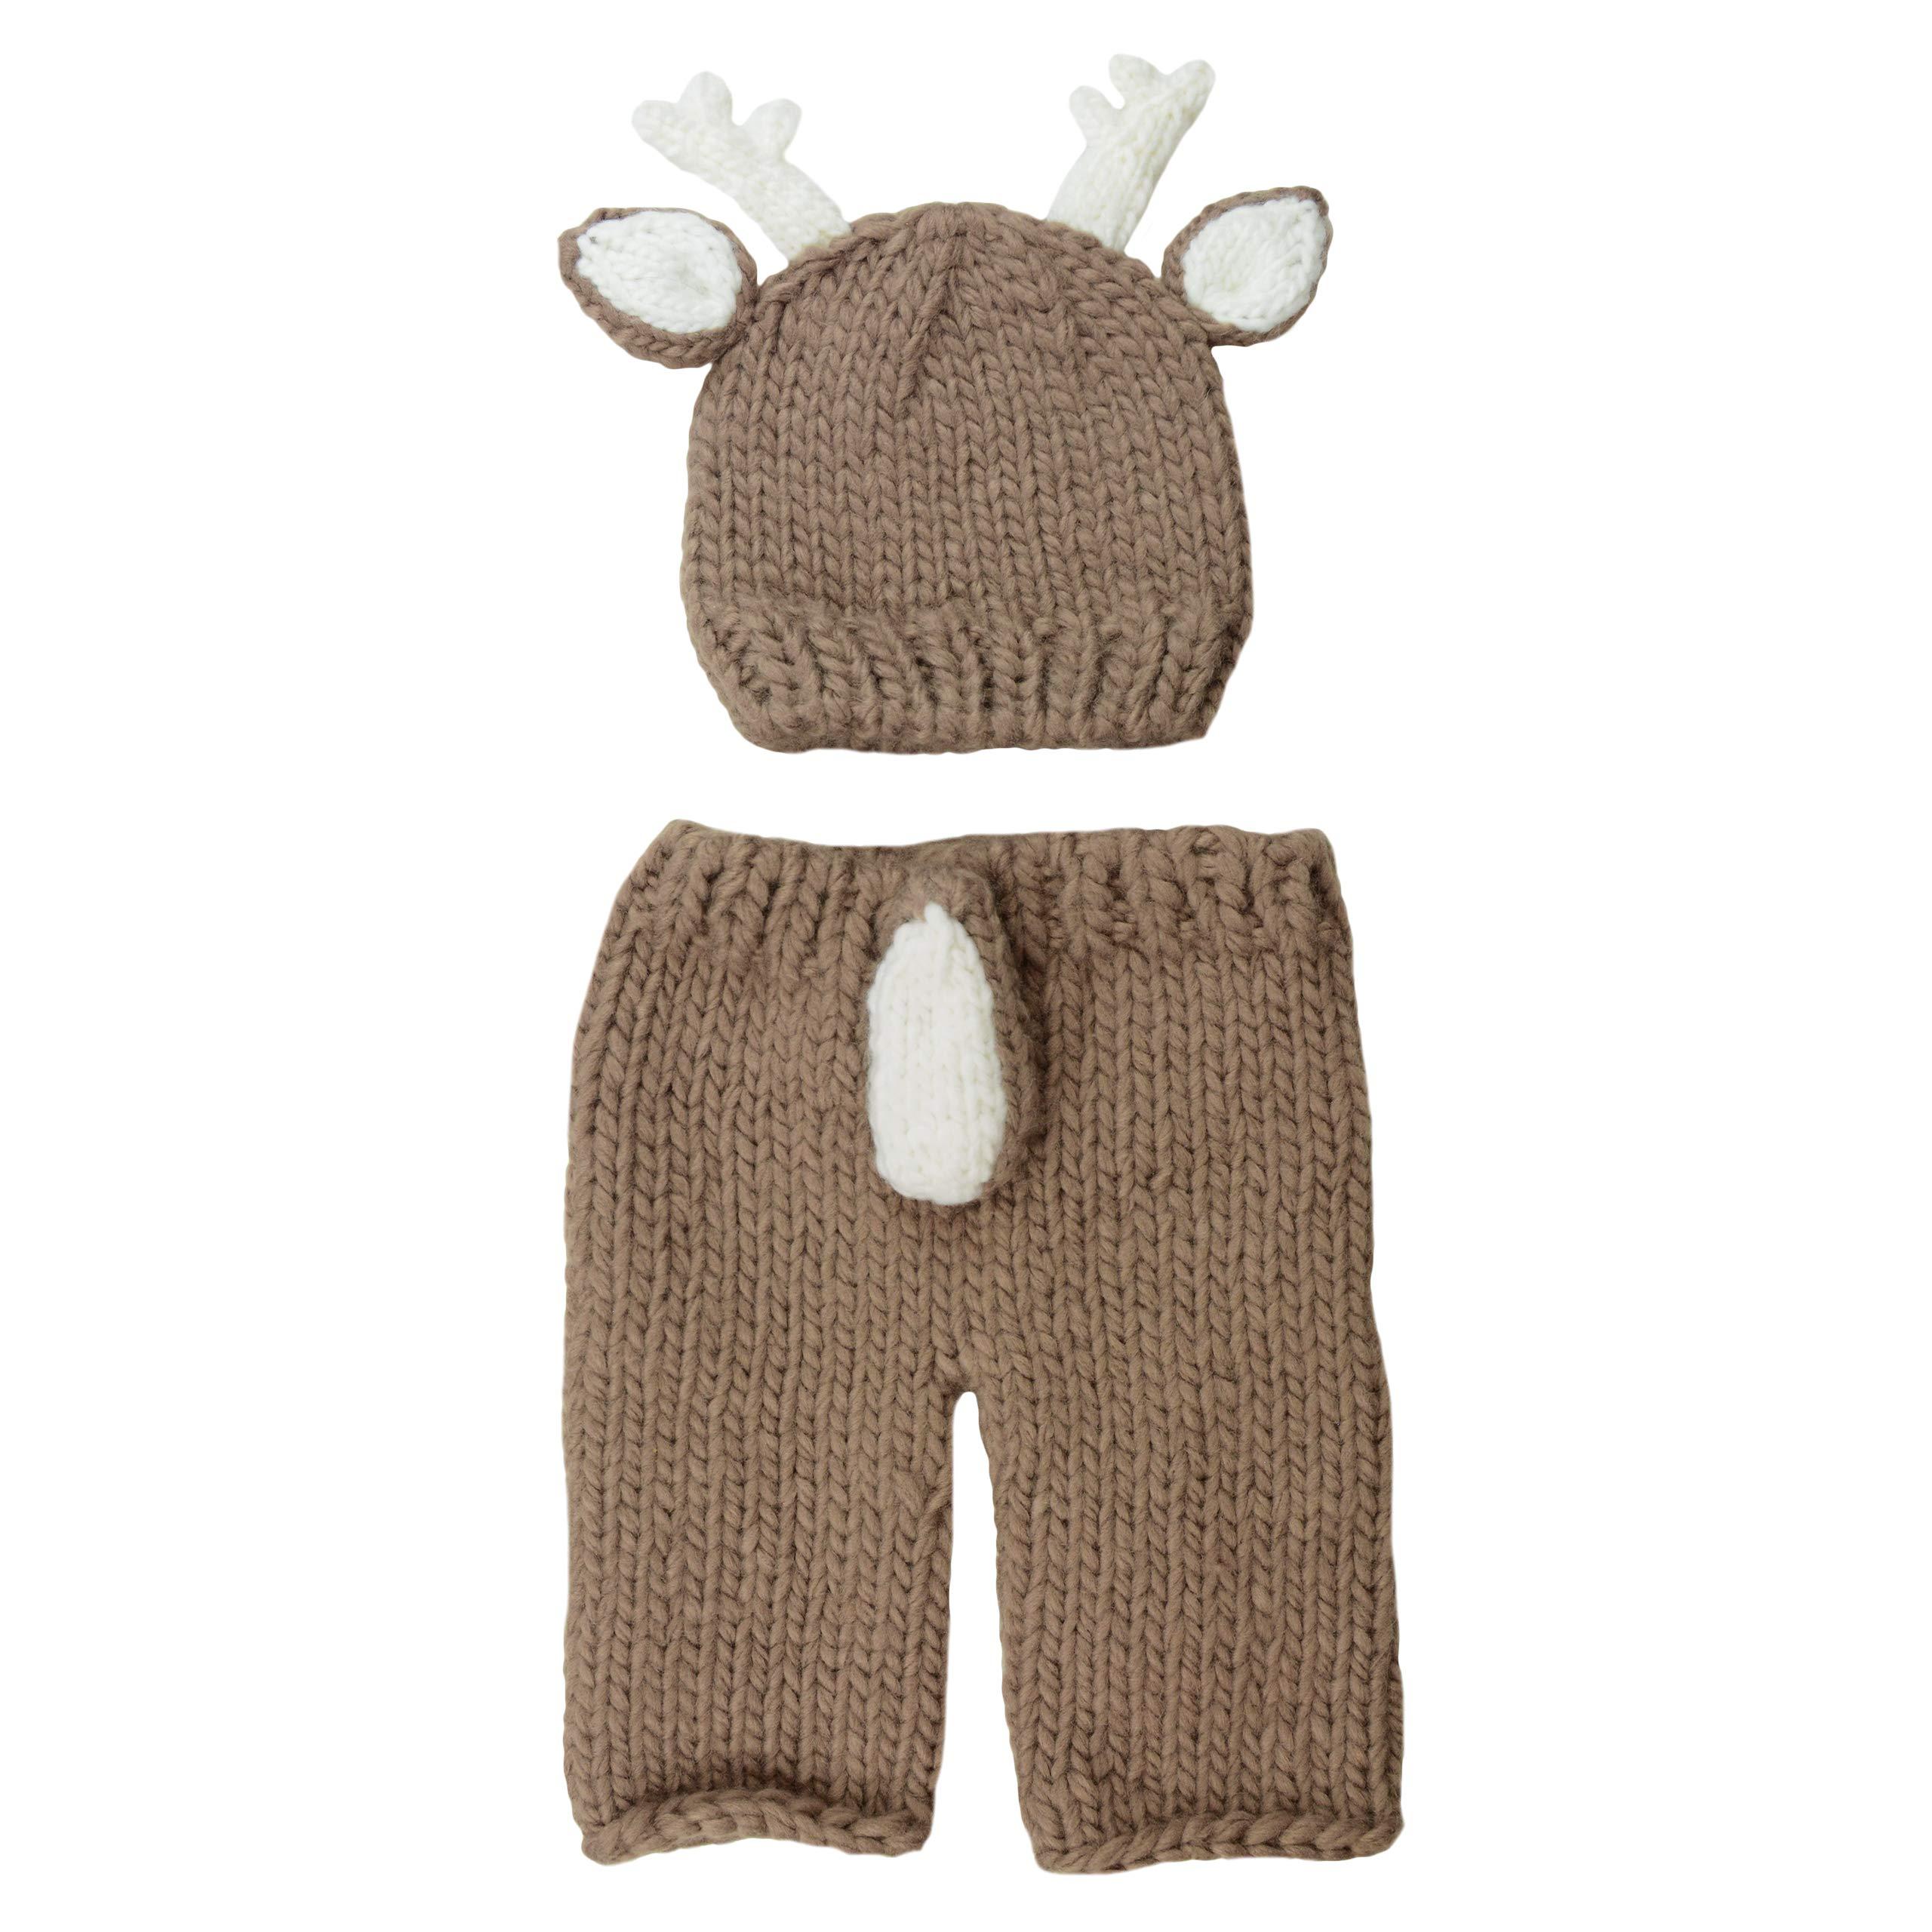 Hartley Deer Hand Knit Newborn Set (Newborn 0-3 Months, Brown) by The Blueberry Hill